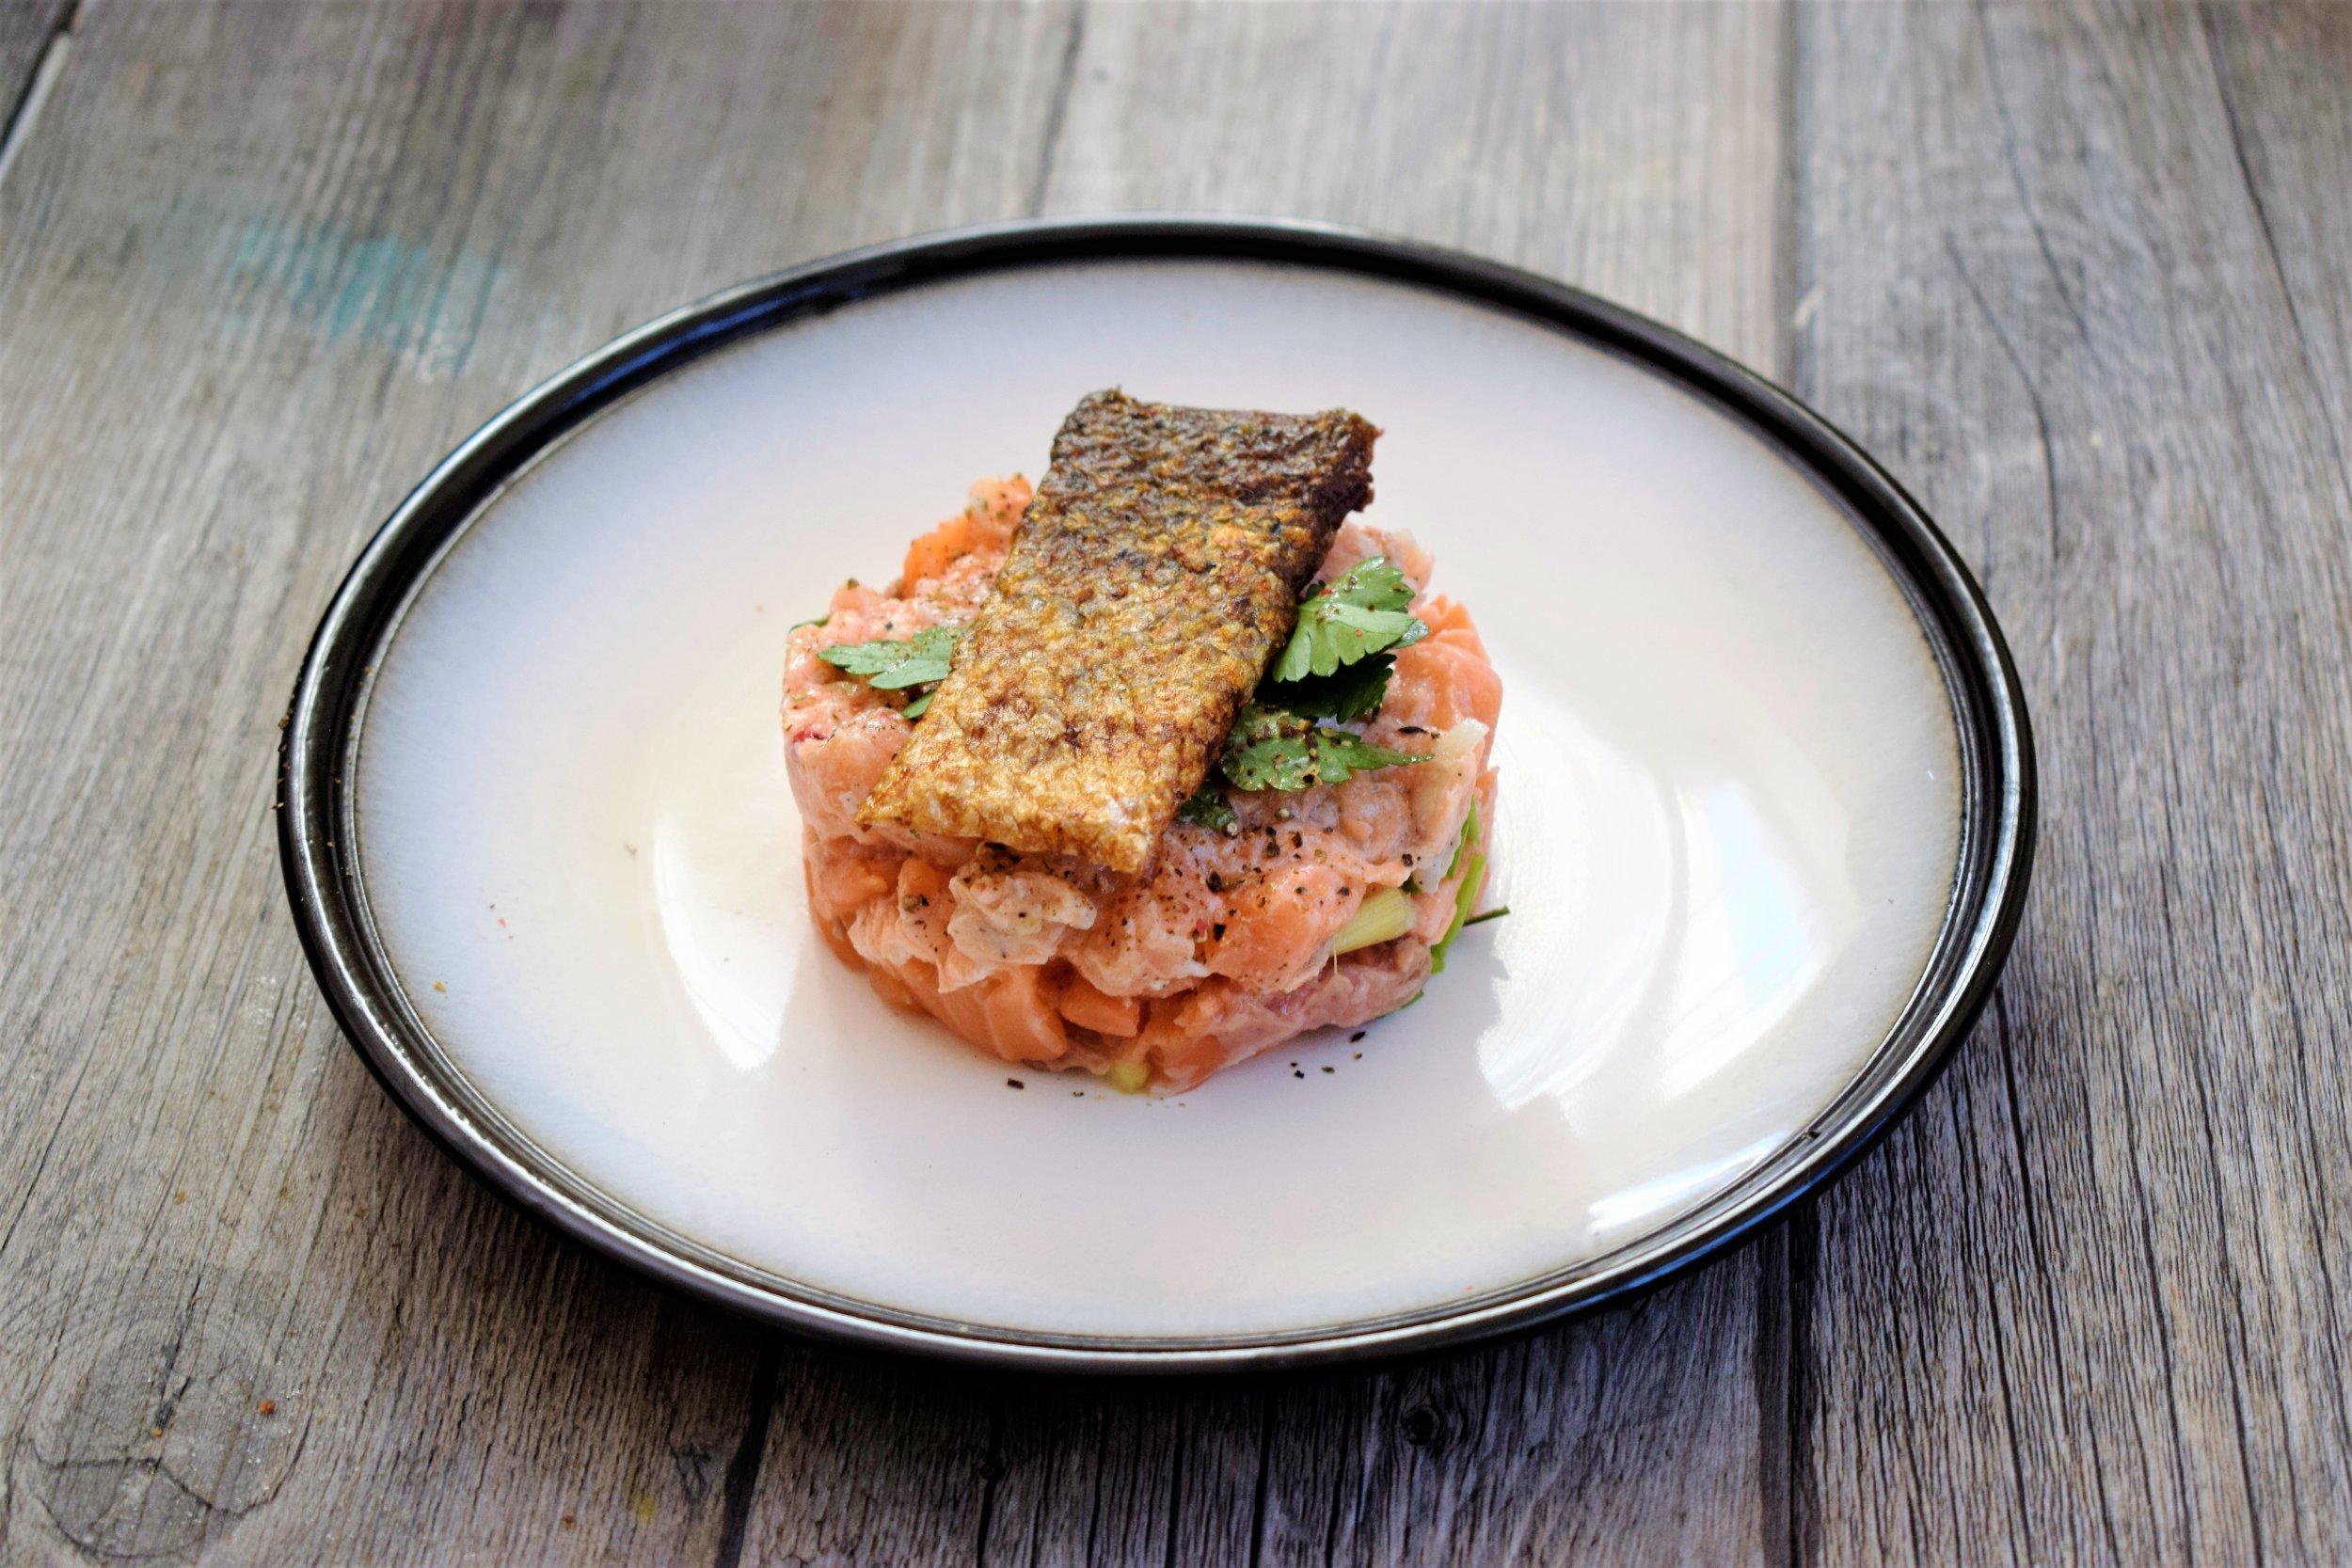 Peau de saumon Cyril Rouquet-Prévost